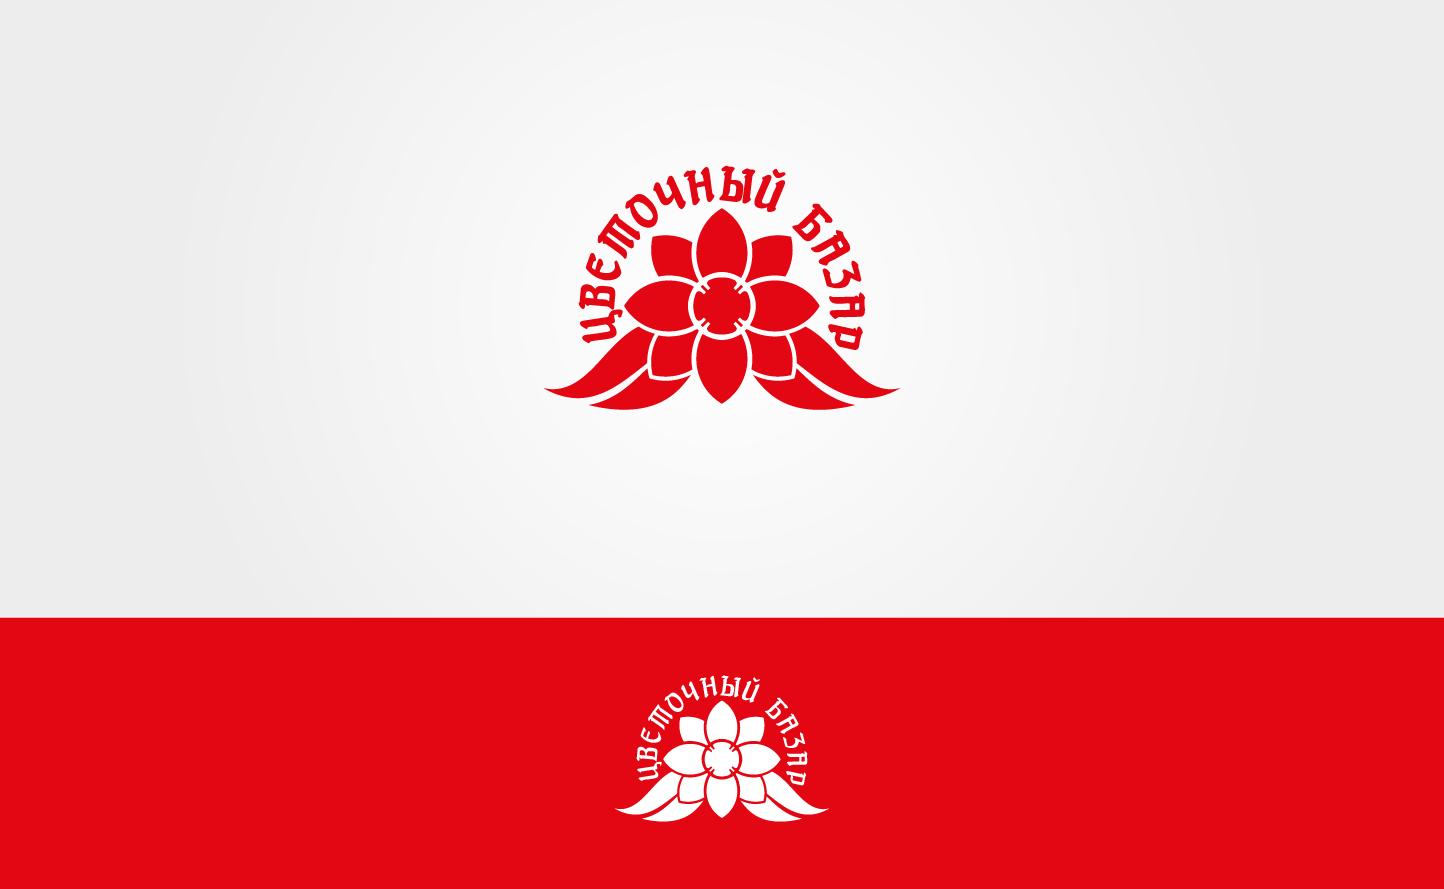 Разработка фирменного стиля для цветочного салона фото f_9515c3a02ff953e7.png